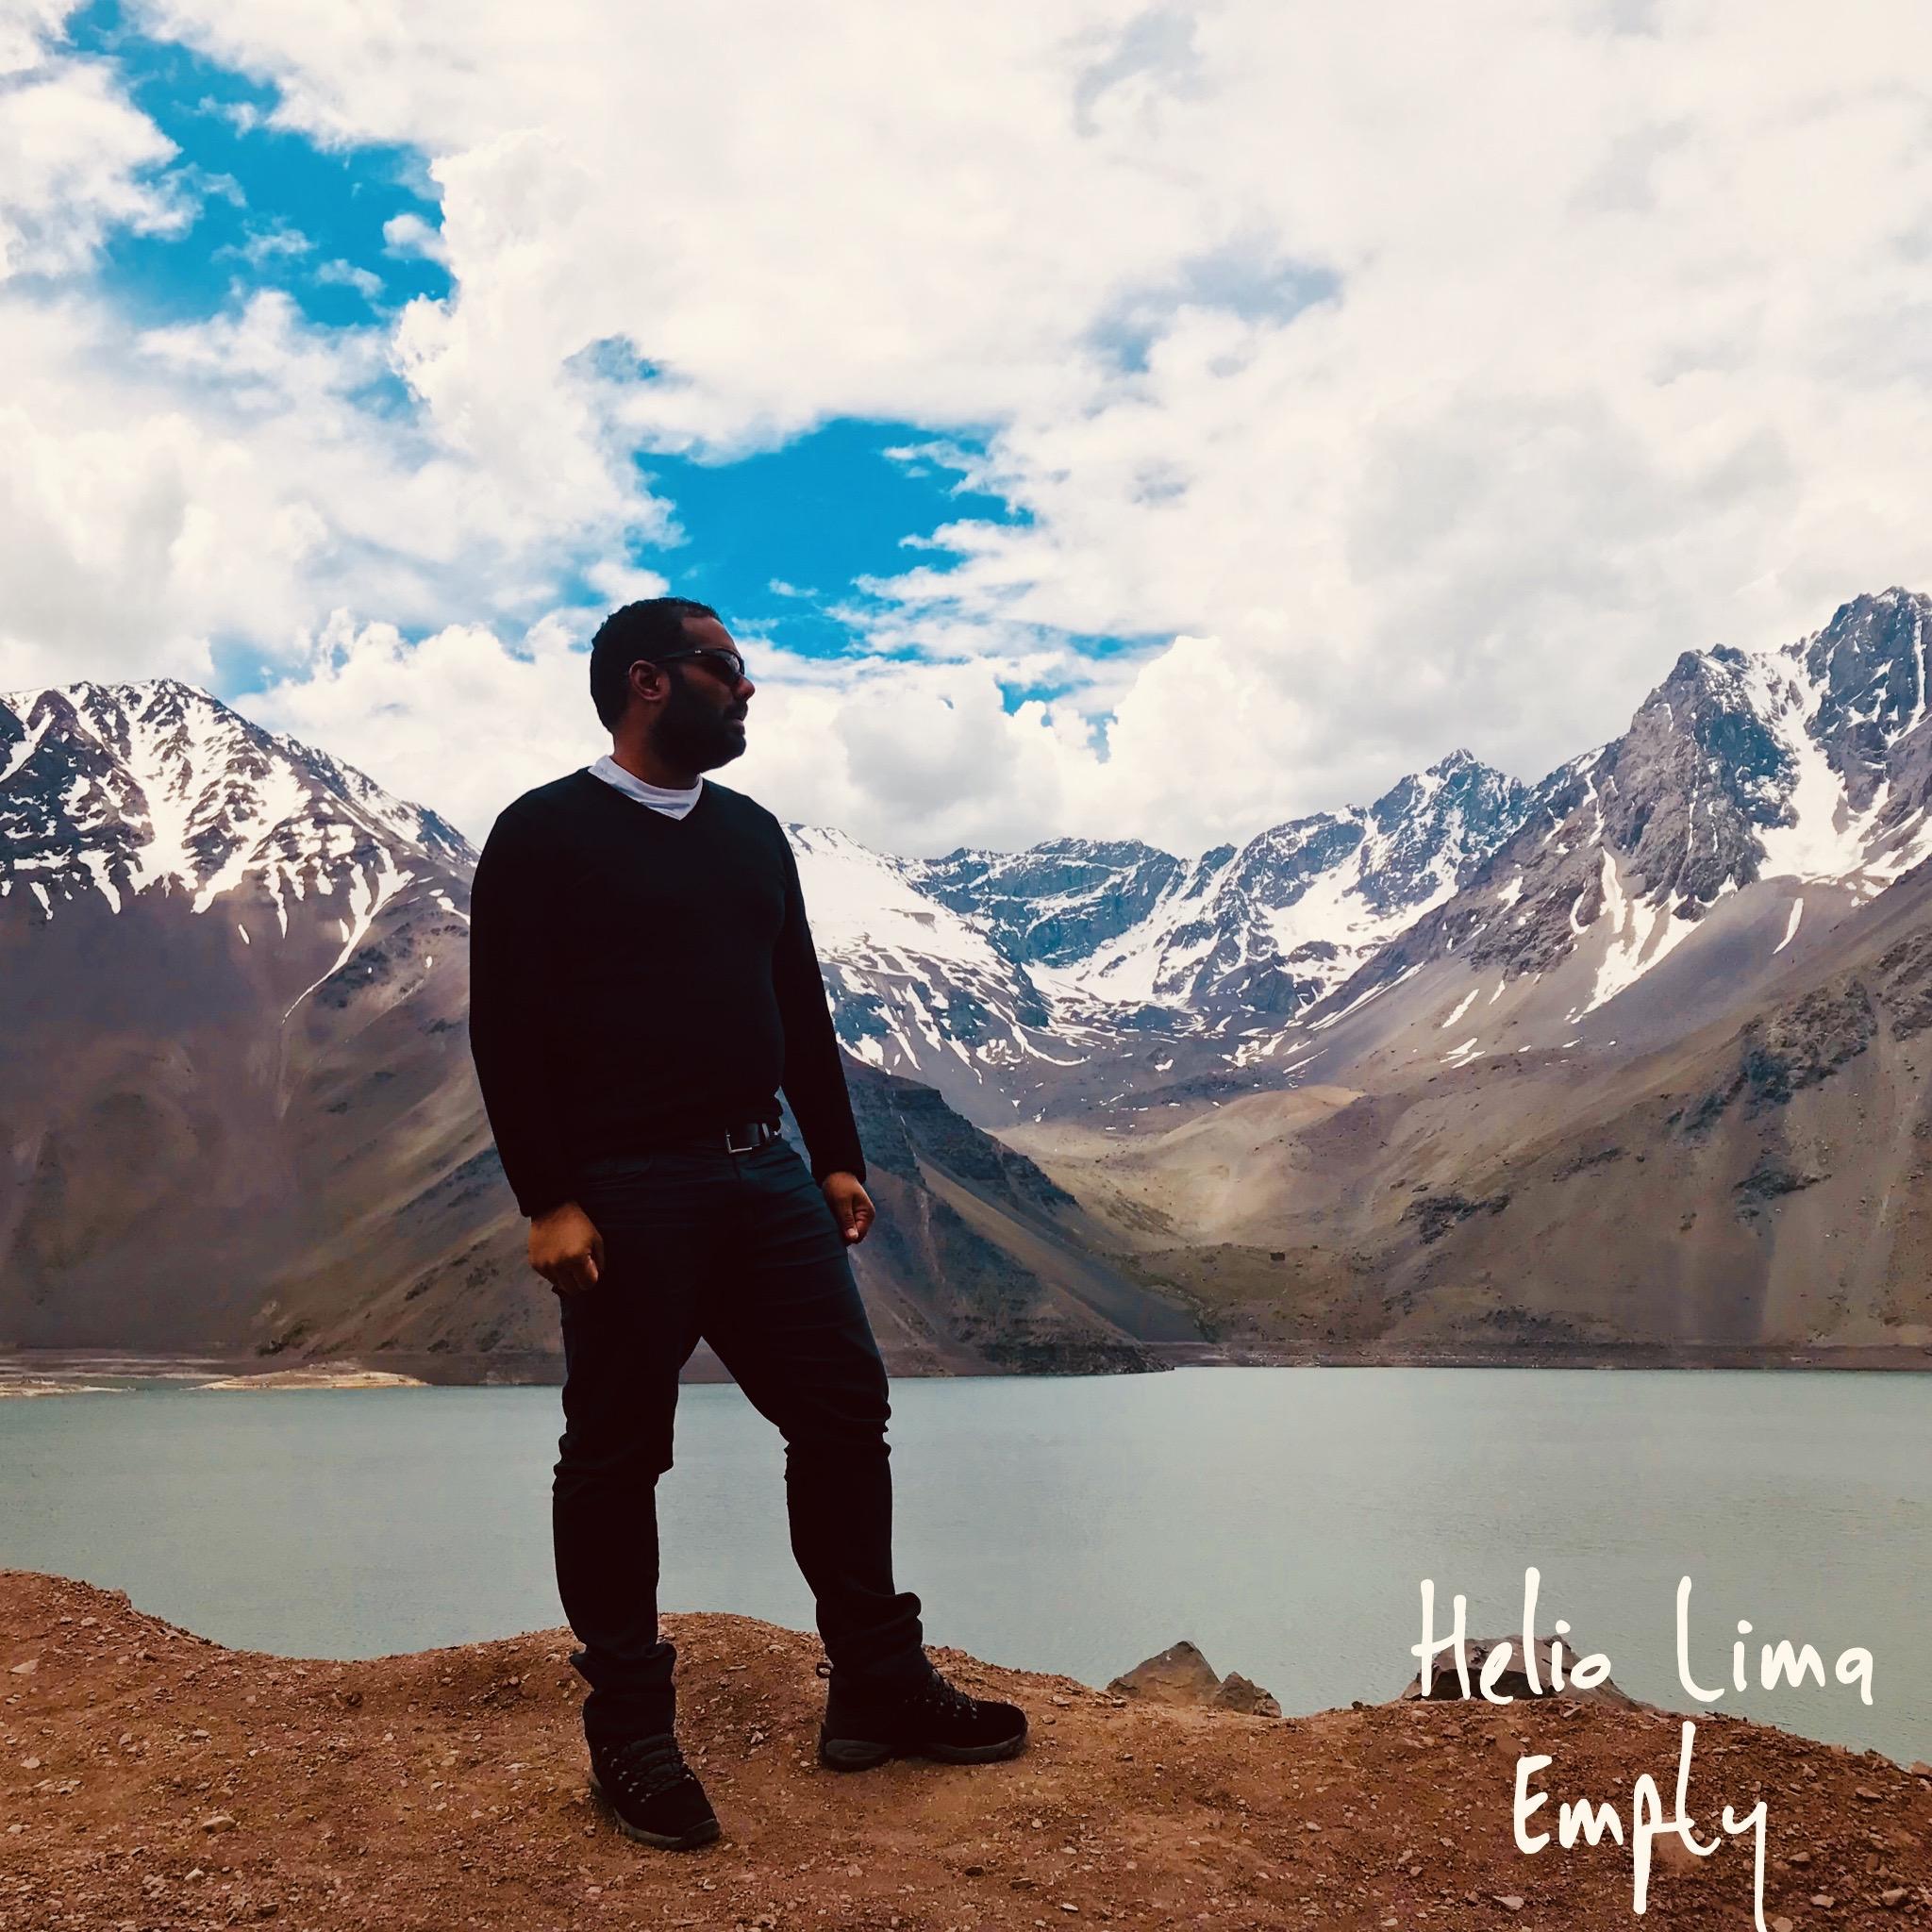 """Helio Lima revela video de """"Empty"""", seu álbum solo"""